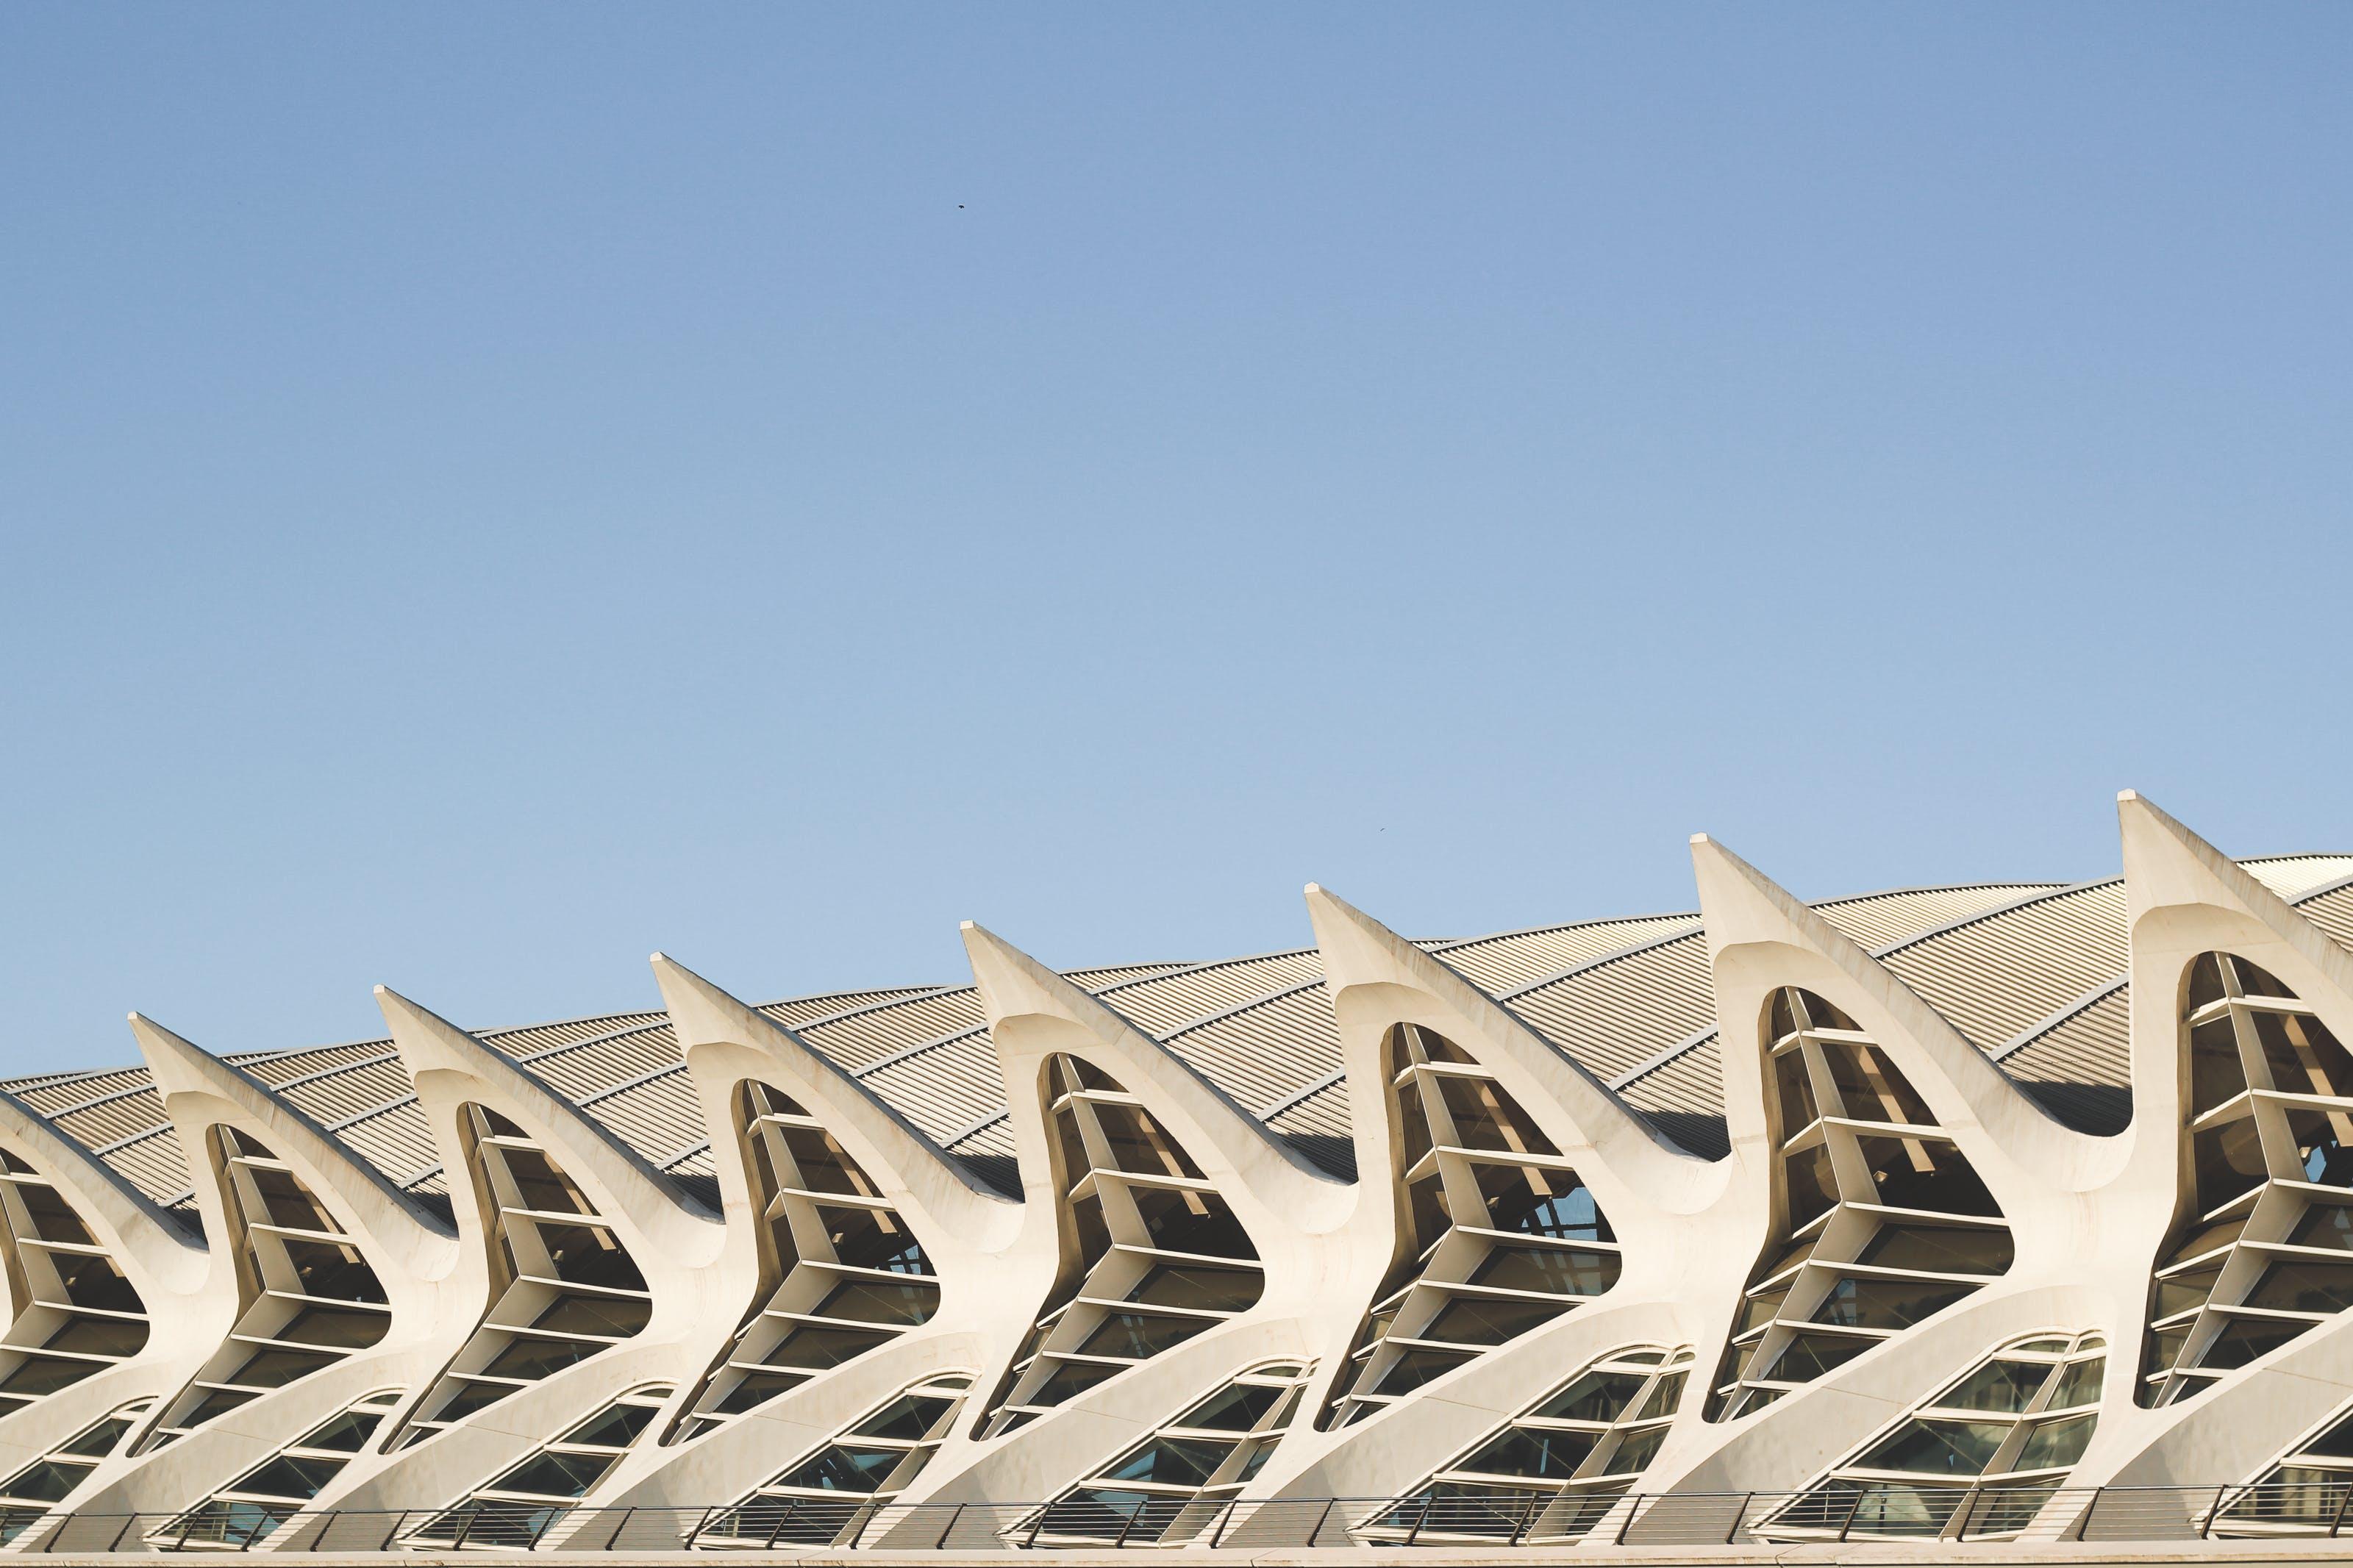 Architectural Photo of White Concrete Building